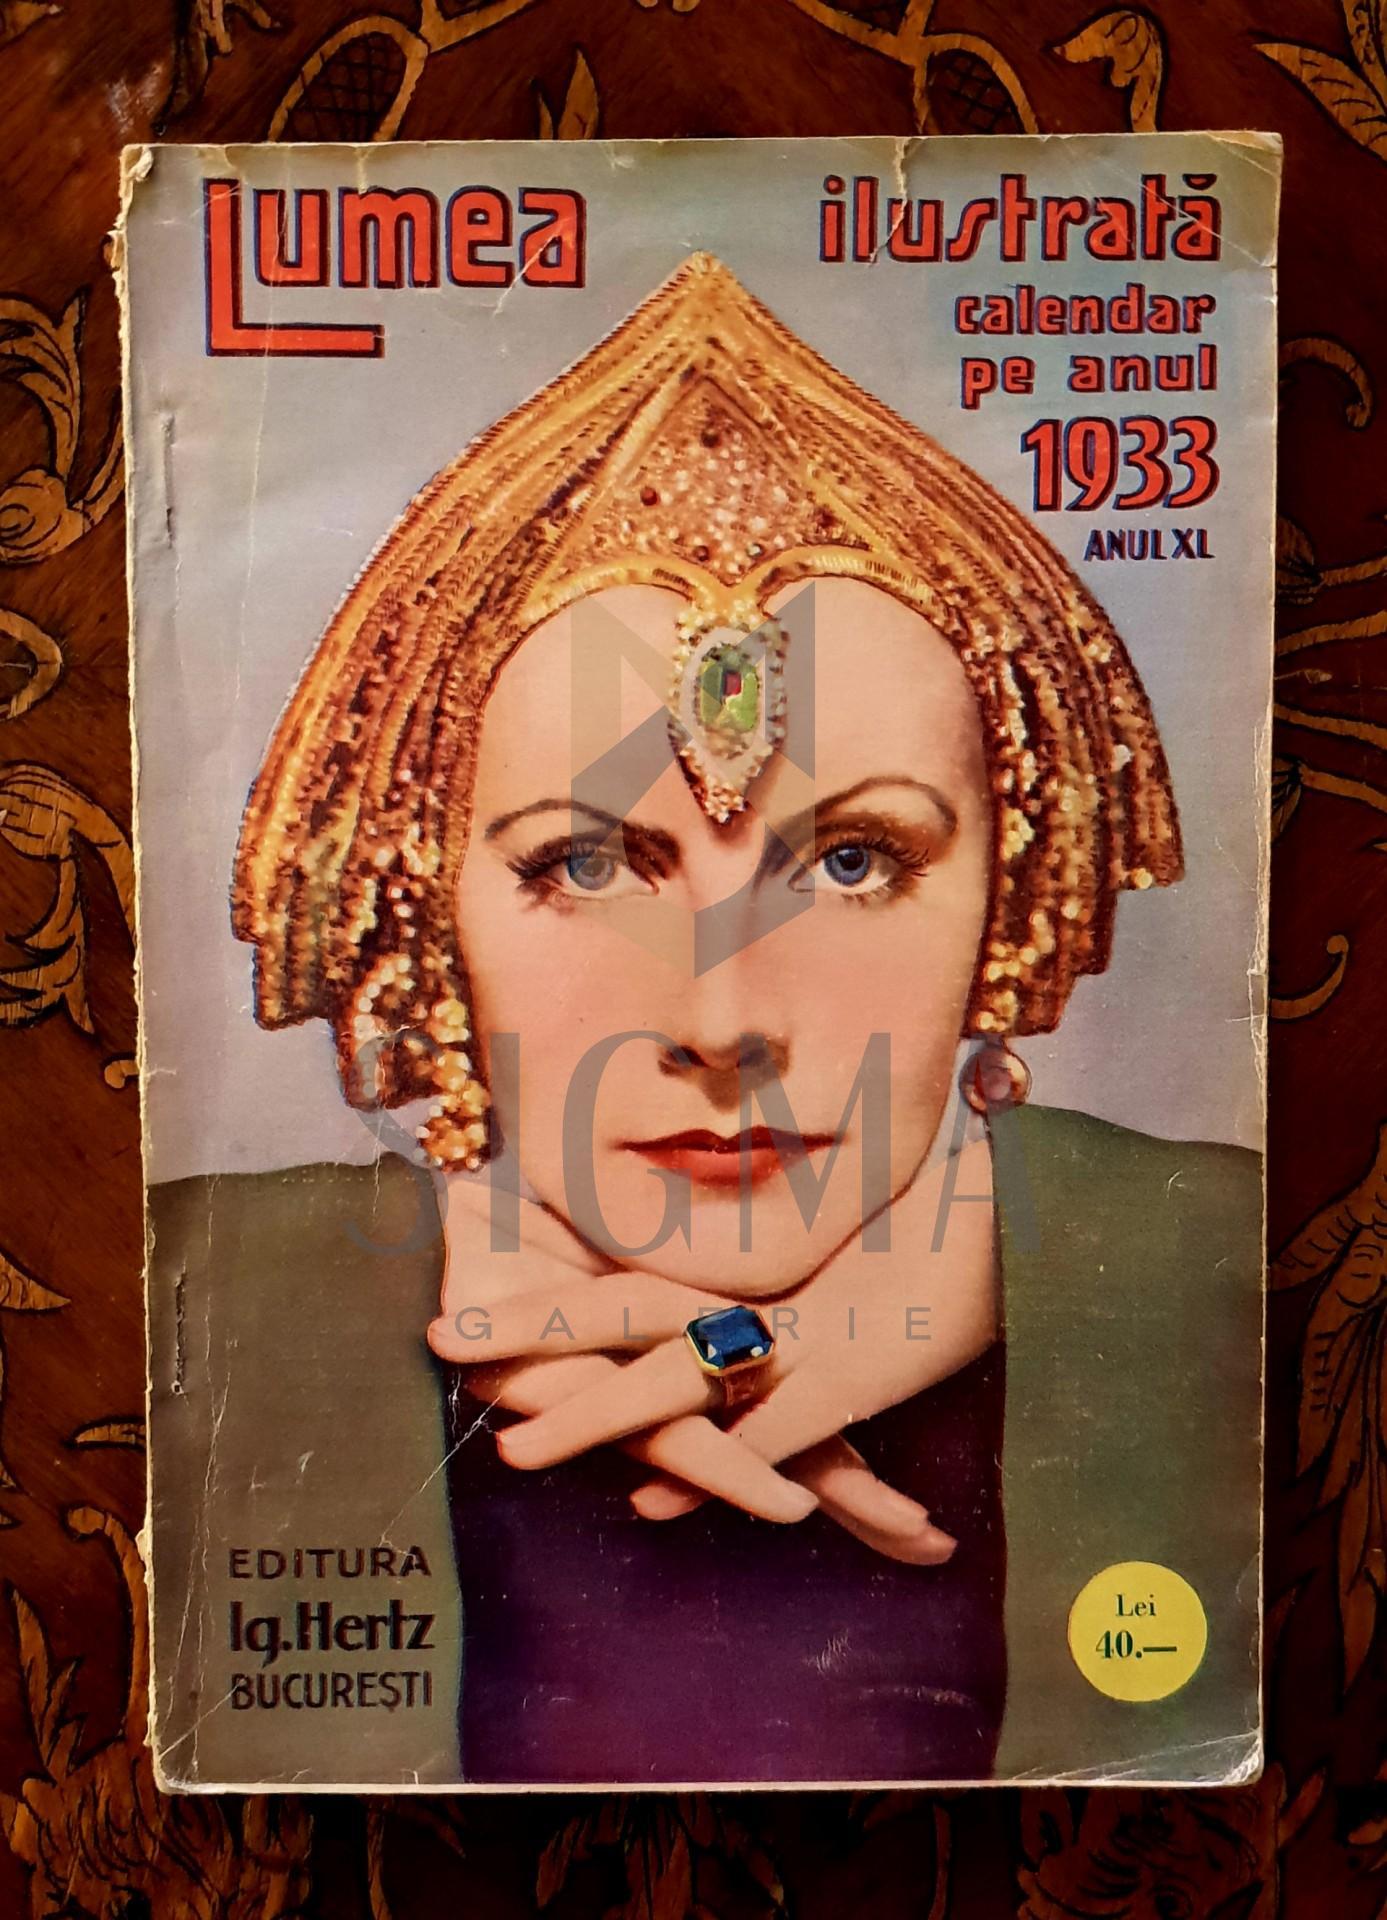 Lumea ilustrata, calendar pe anul 1933